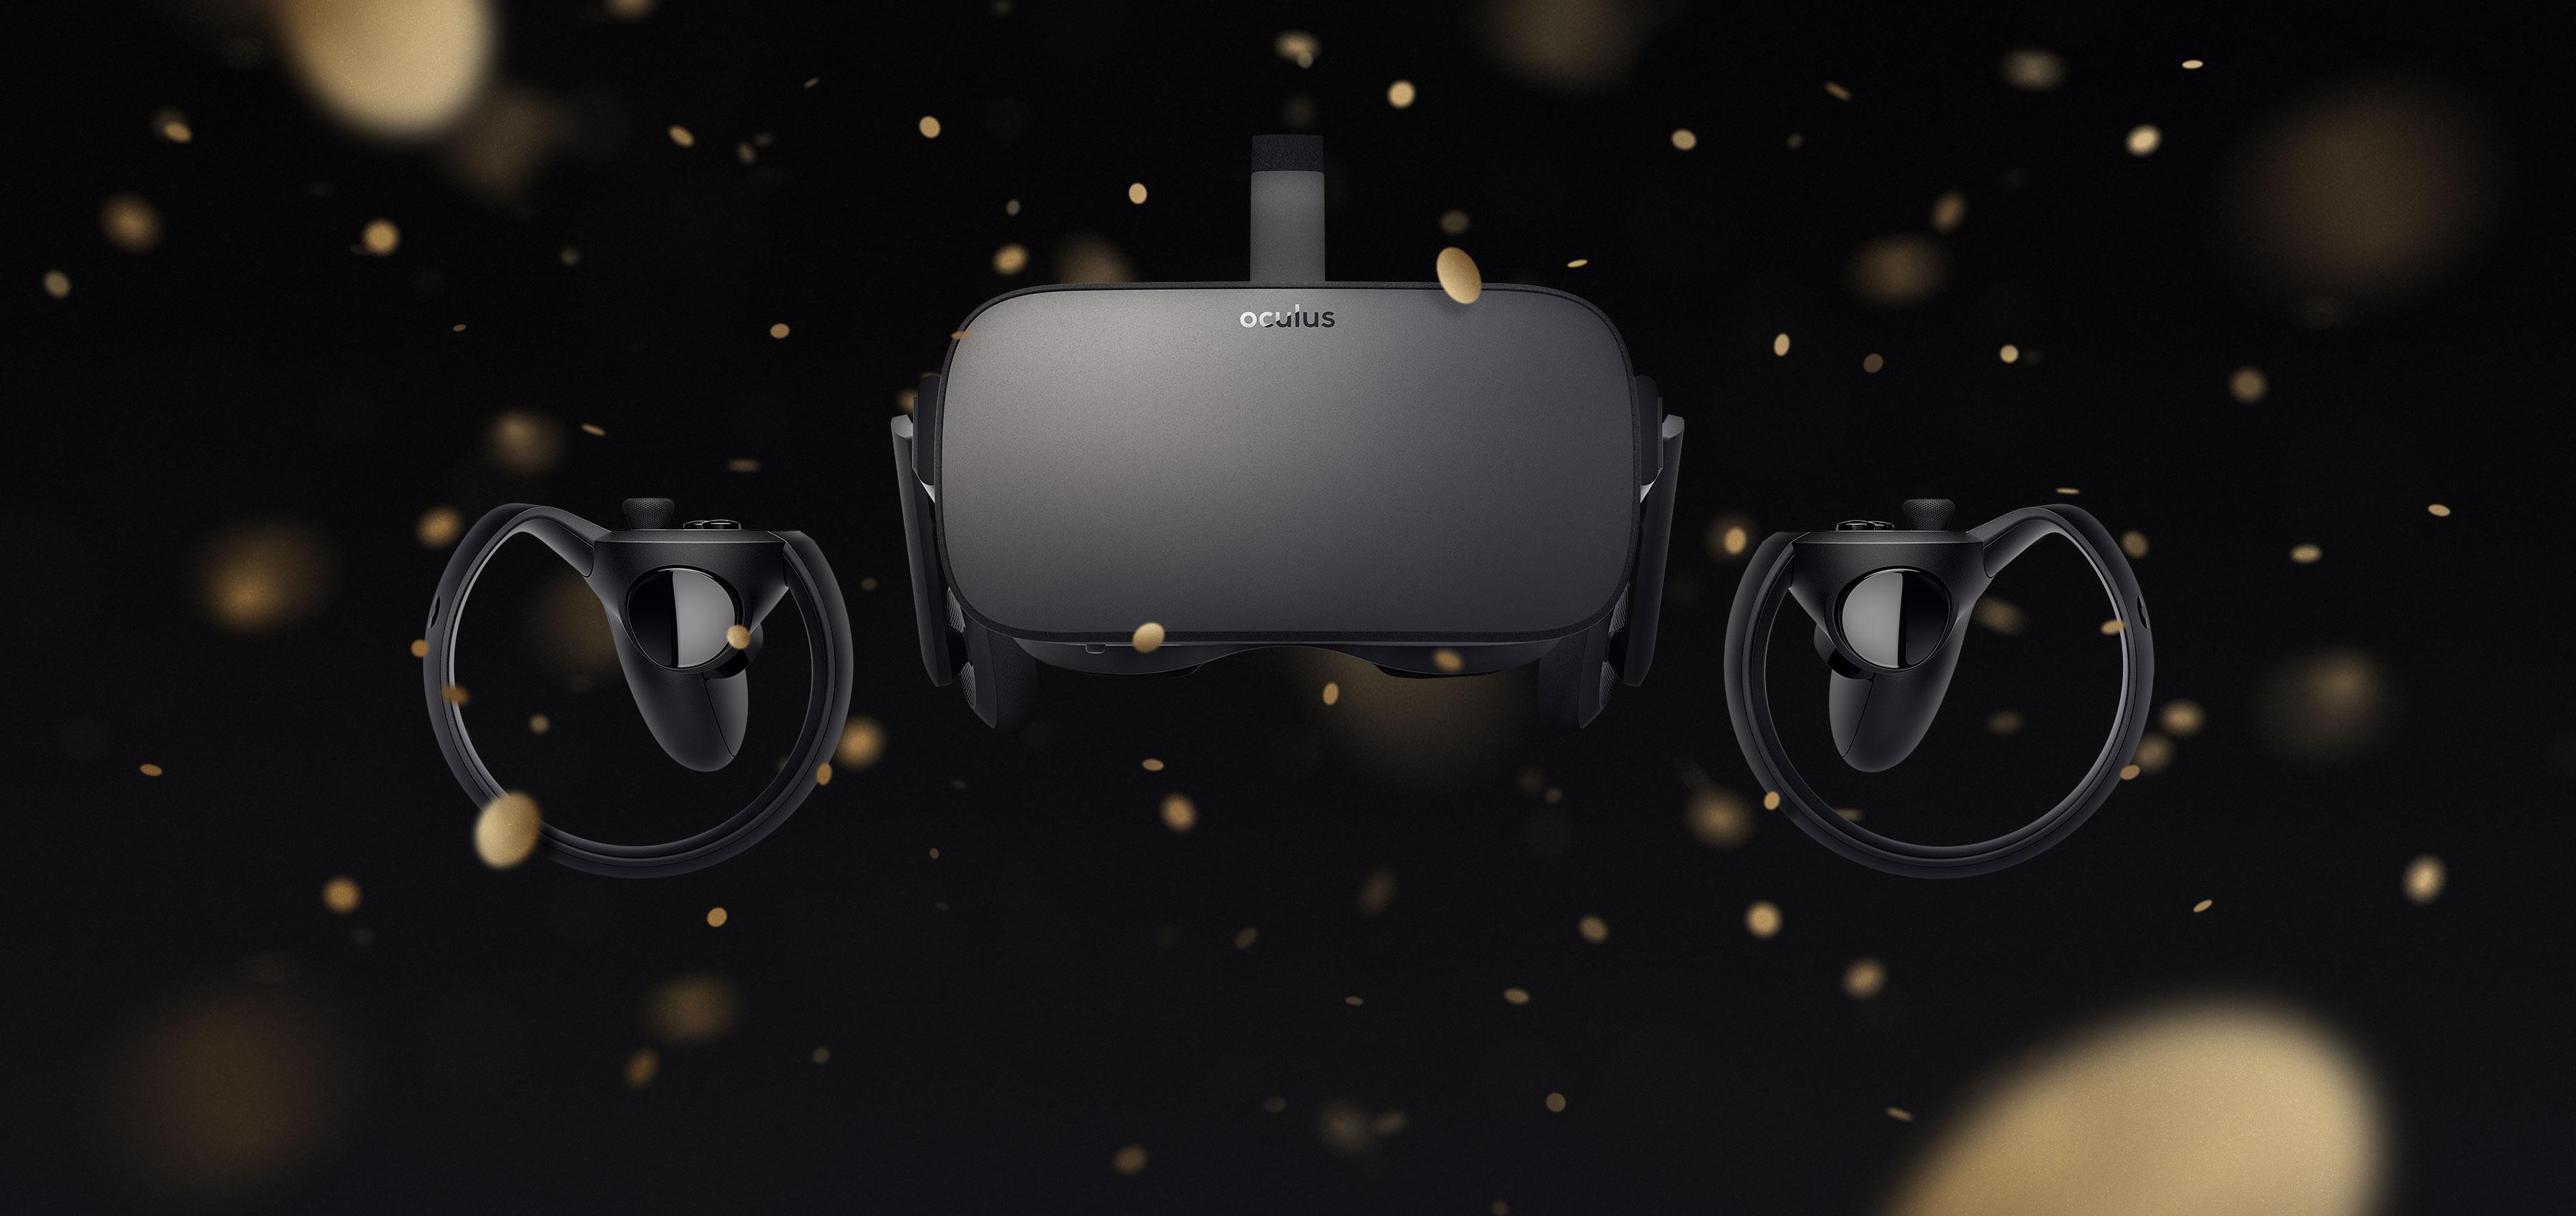 Las Oculus Rift vuelven a bajar su precio por Navidad